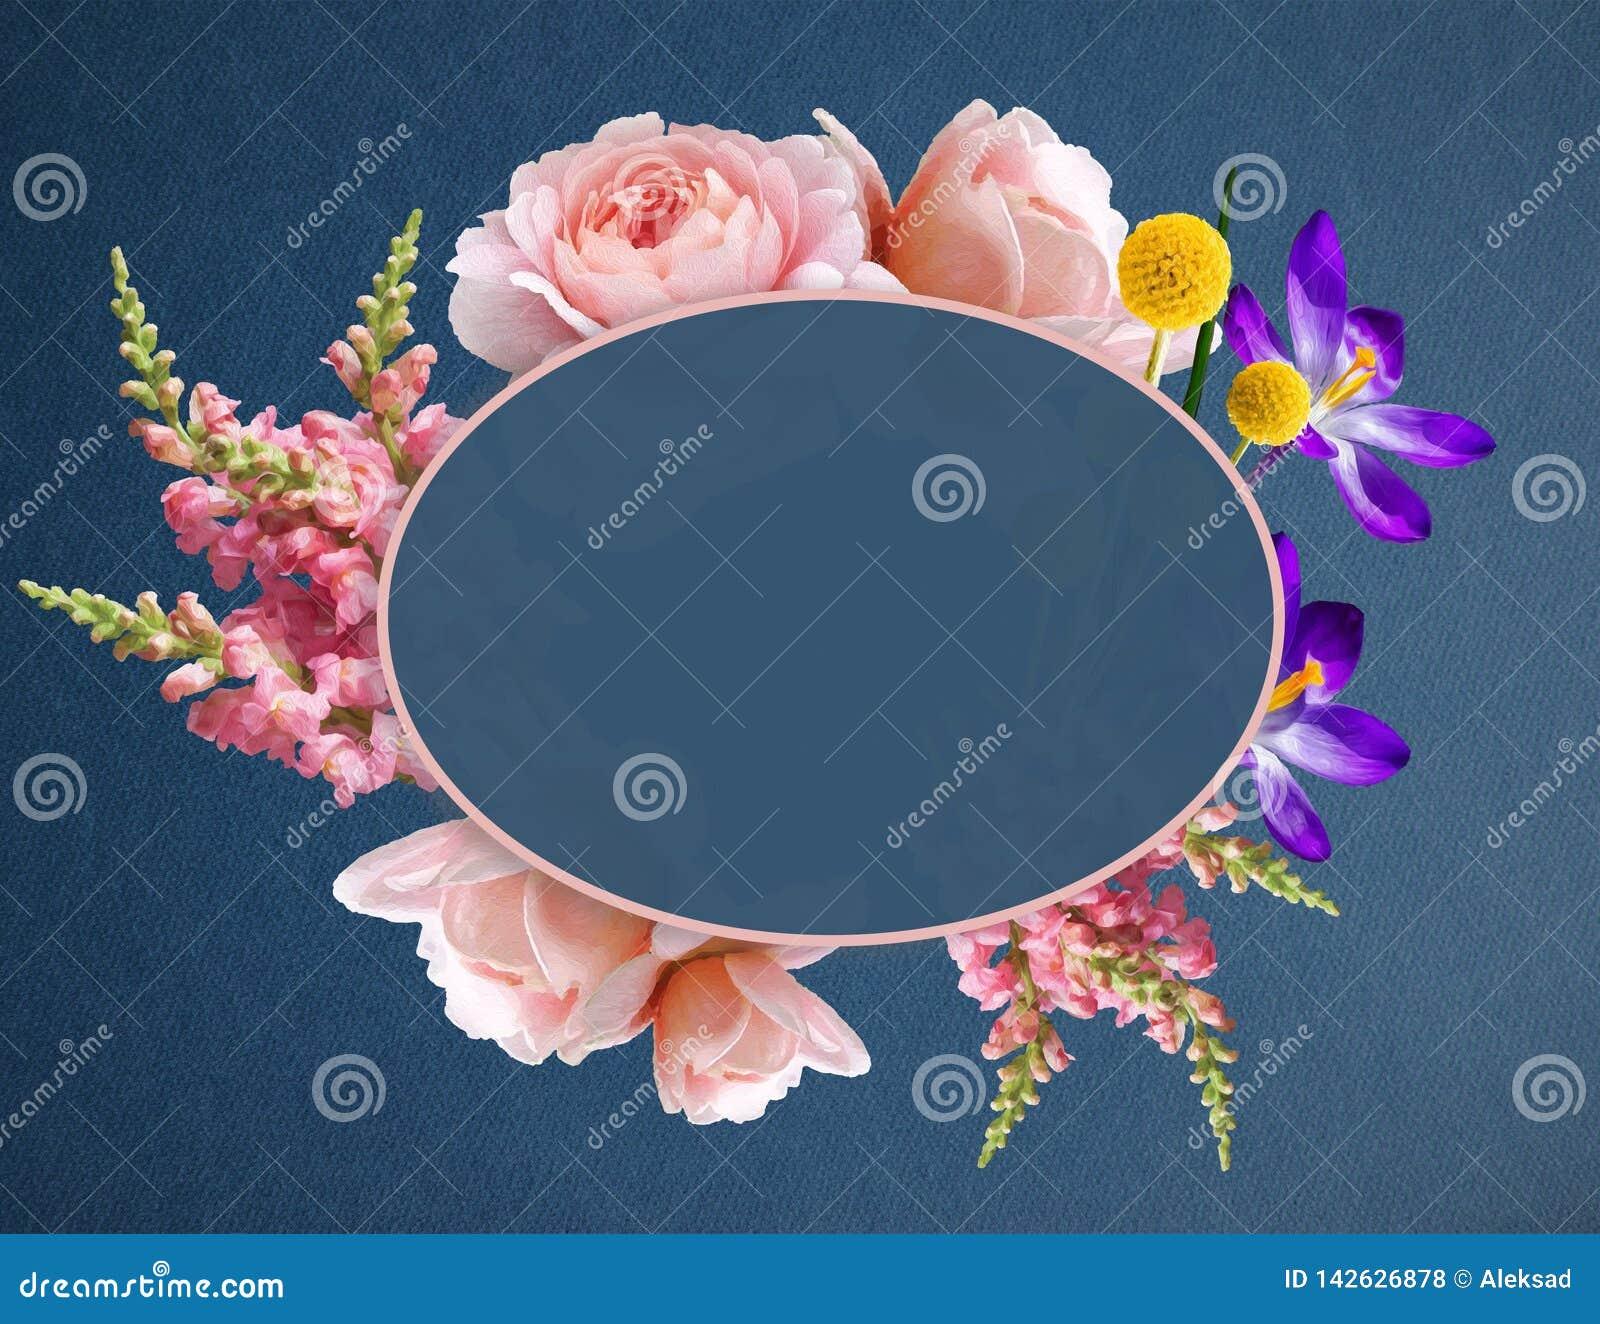 Ilustracja Piękny Boho Kwitnie w sztandarze z kopii przestrzenią Kwitnie wianek z różami, krokusem i inny, rośliny